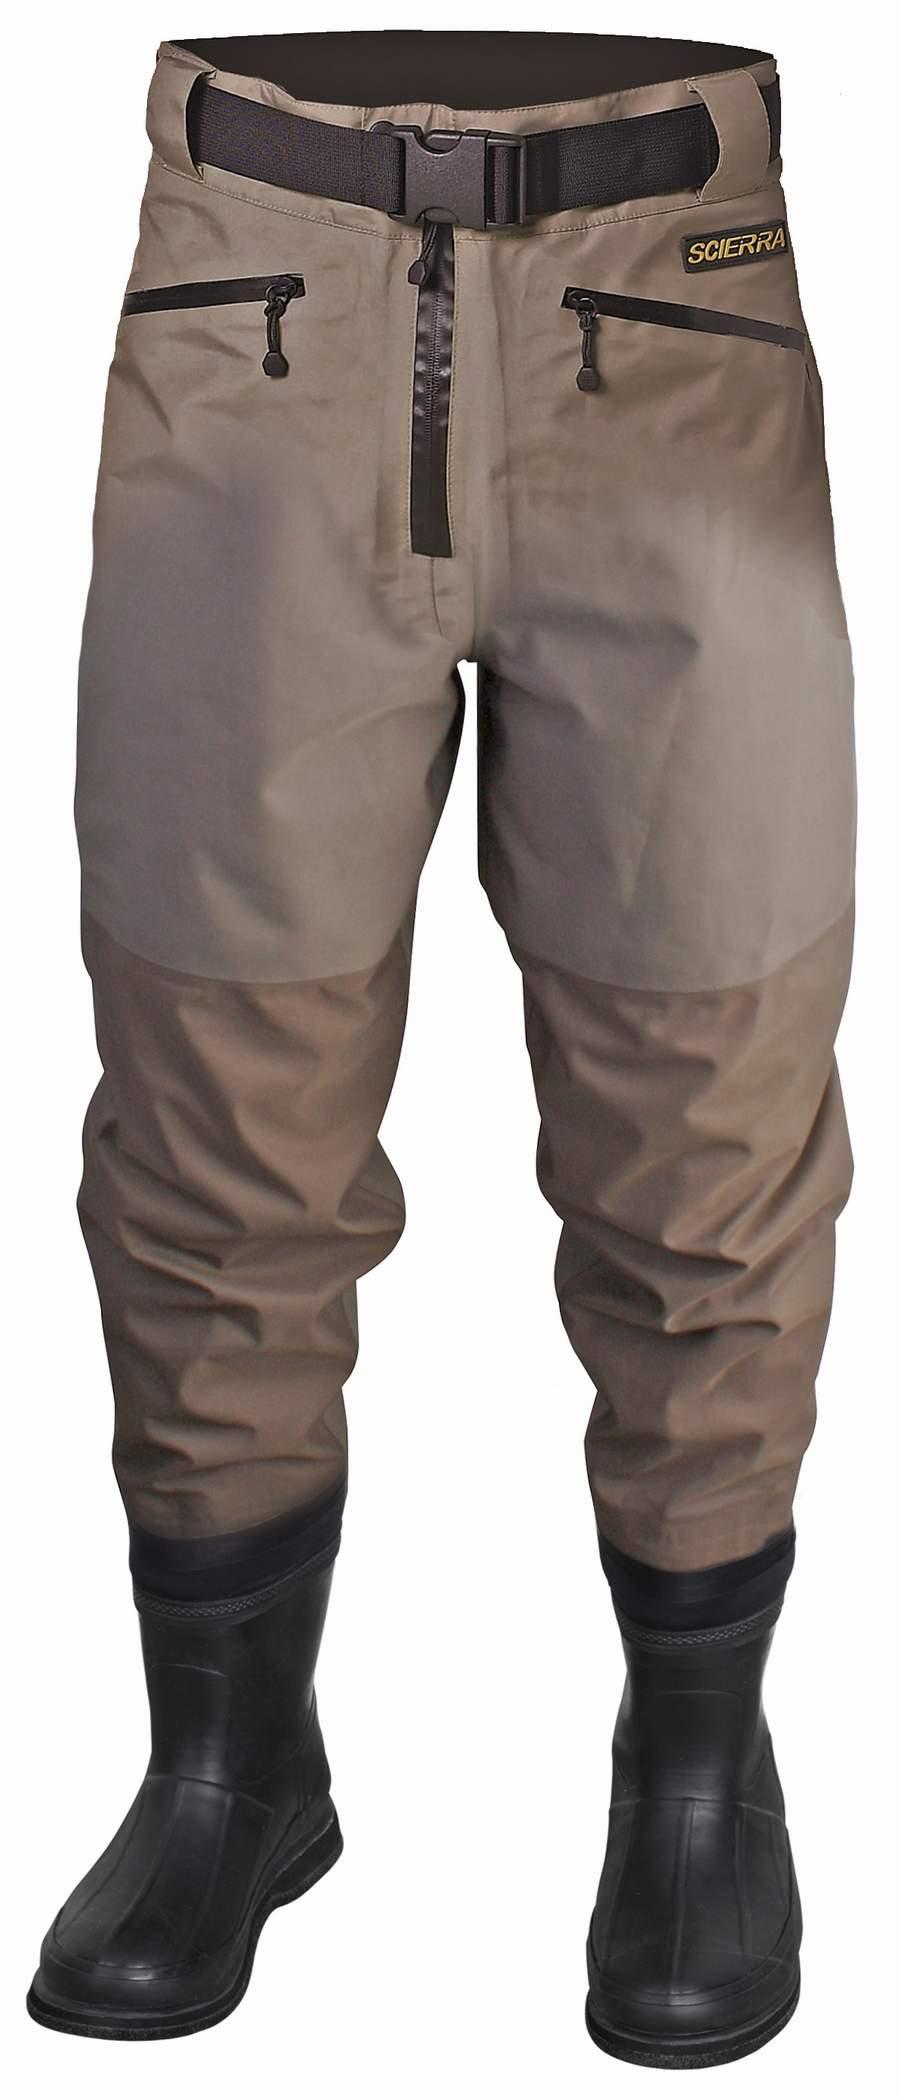 Scierra cc3 xp waist waders fra N/A på fiskegrej.dk